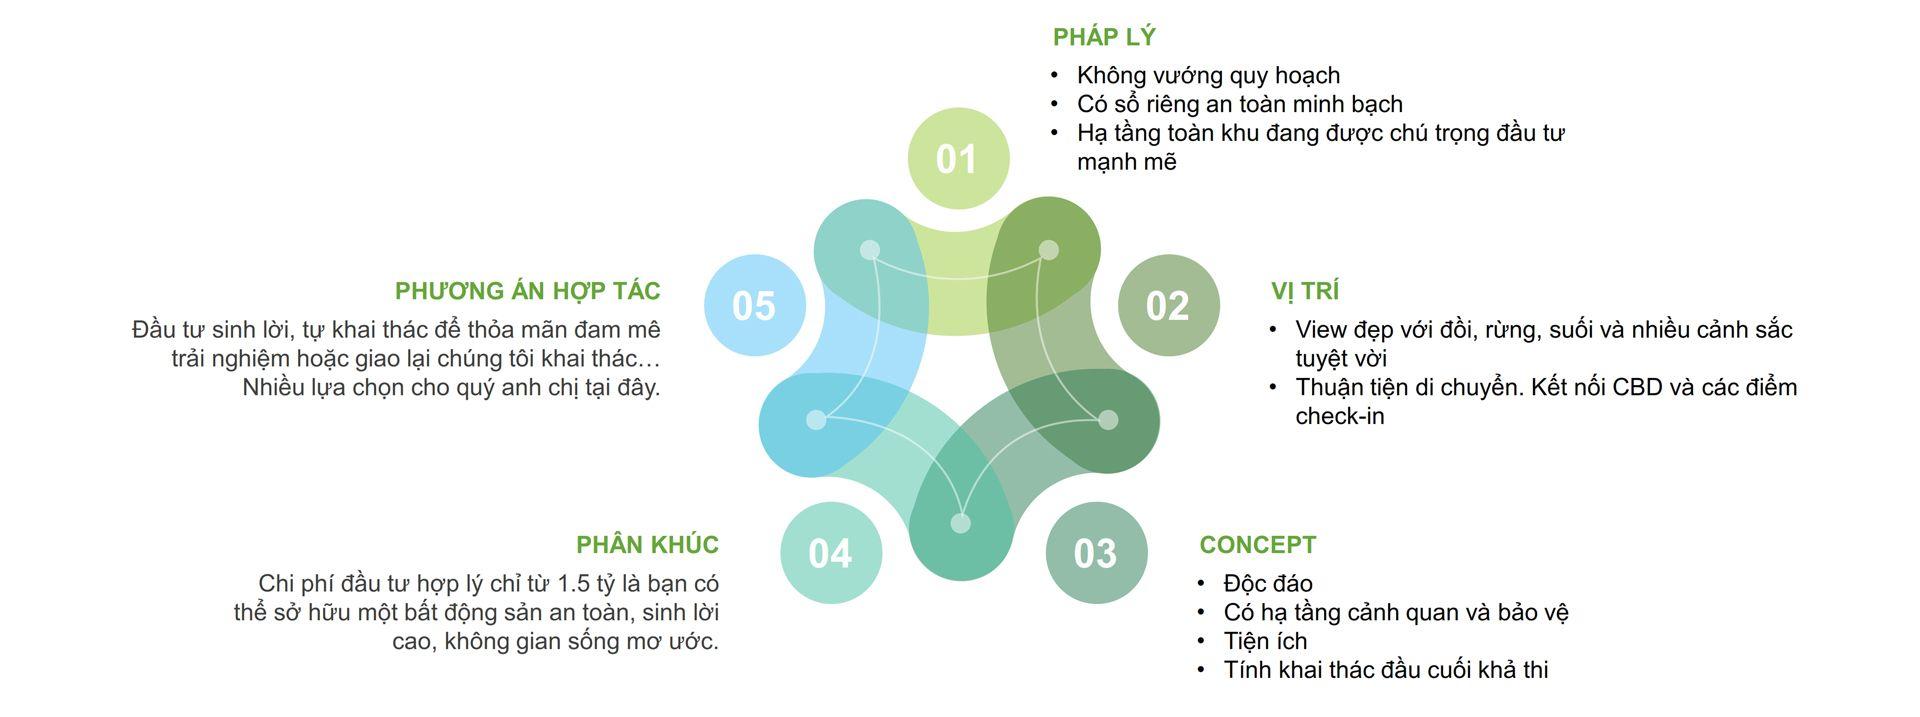 Bất động sản Lâm Đồng - Chuỗi Dự án Green Life 1 - Giá trị sản phẩm